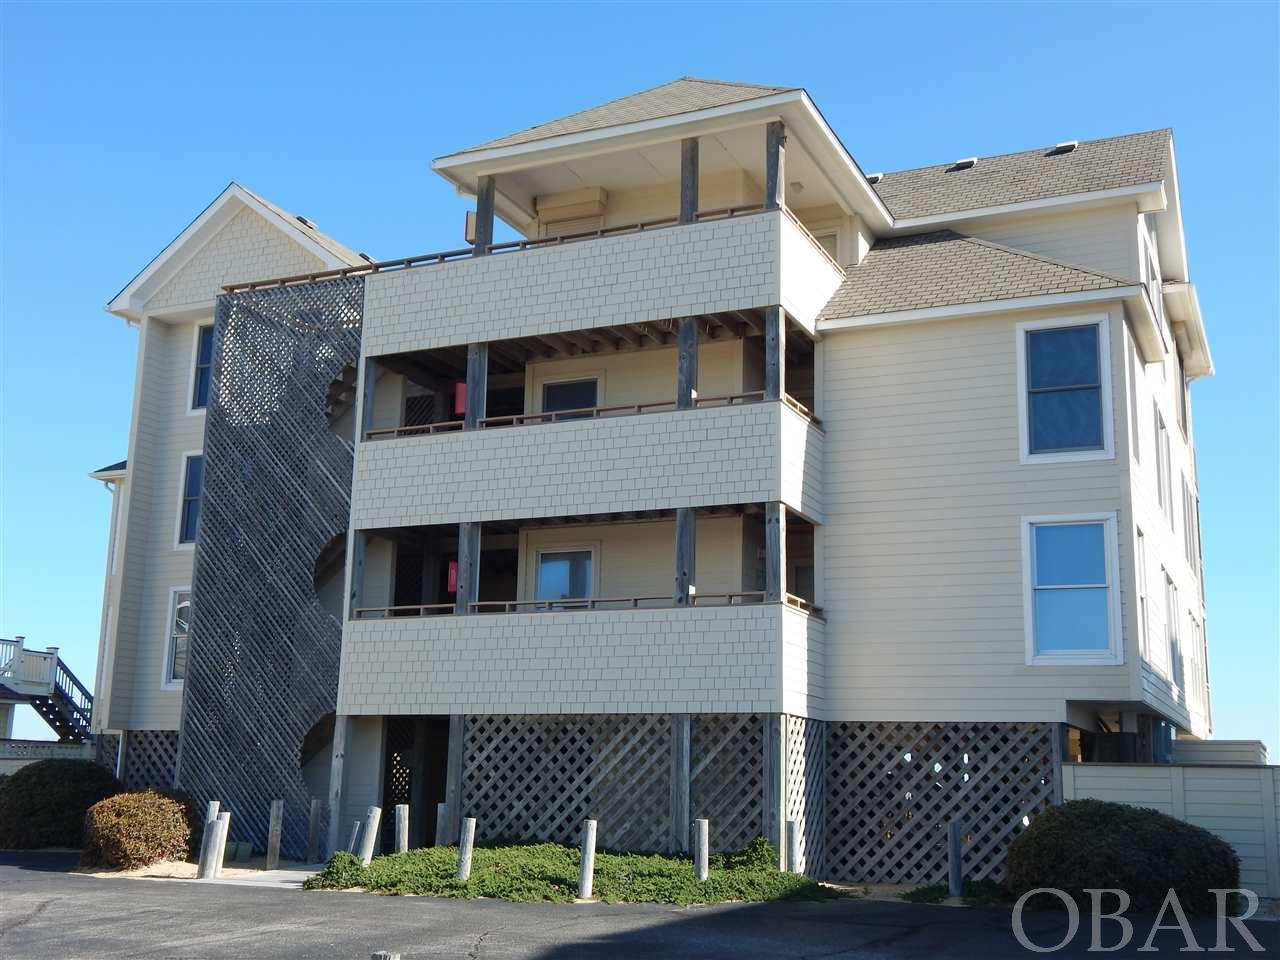 1611 Virginia Dare Trail,Kill Devil Hills,NC 27948,2 Bedrooms Bedrooms,2 BathroomsBathrooms,Residential,Virginia Dare Trail,99718